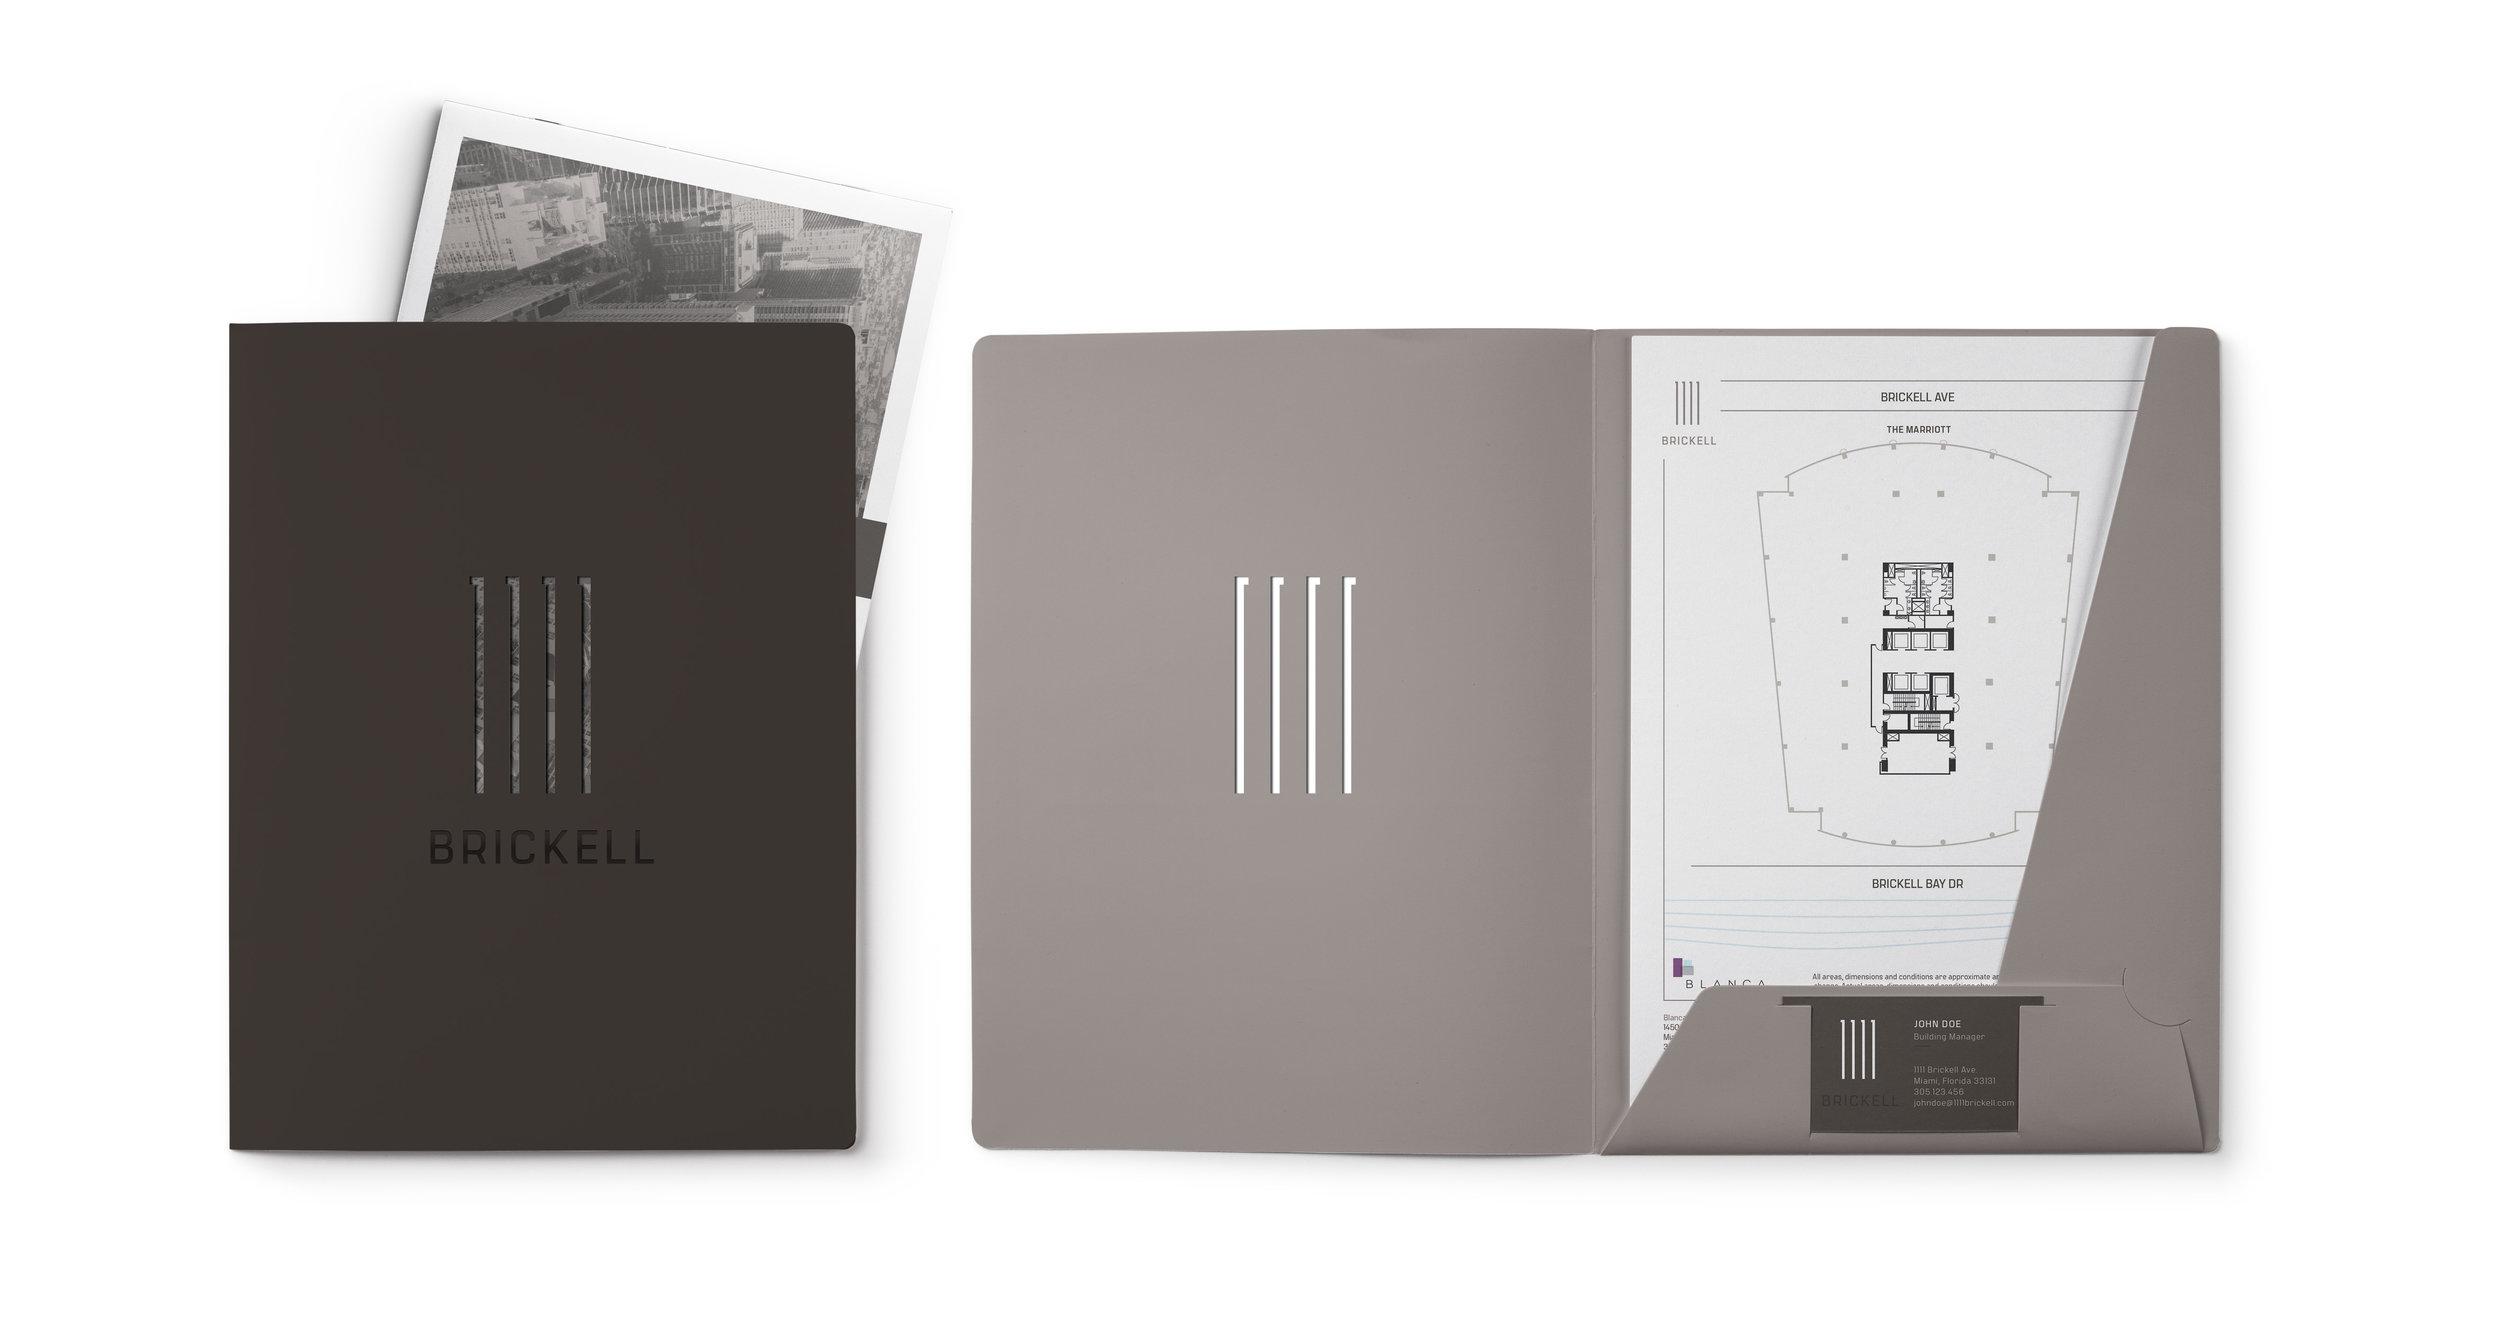 Ana-Juan-Gomez-1111-folder-branding-design.jpg